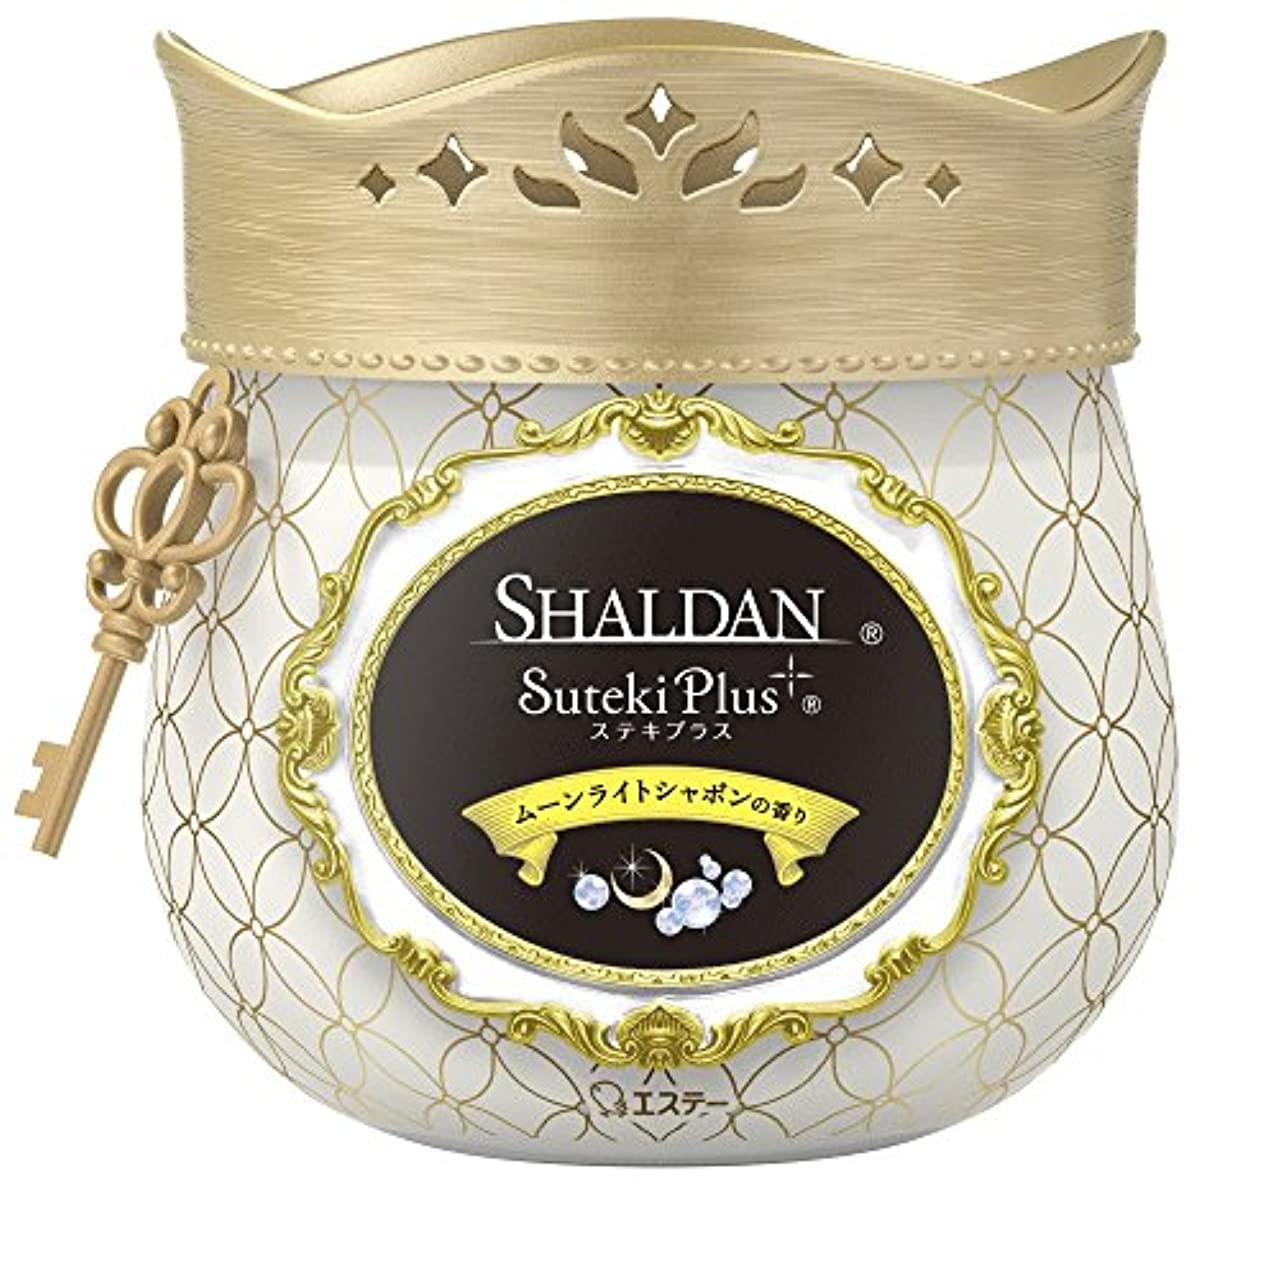 メリー大統領労働者シャルダン SHALDAN ステキプラス 消臭芳香剤 部屋用 部屋 玄関 ムーンライトシャボンの香り 260g